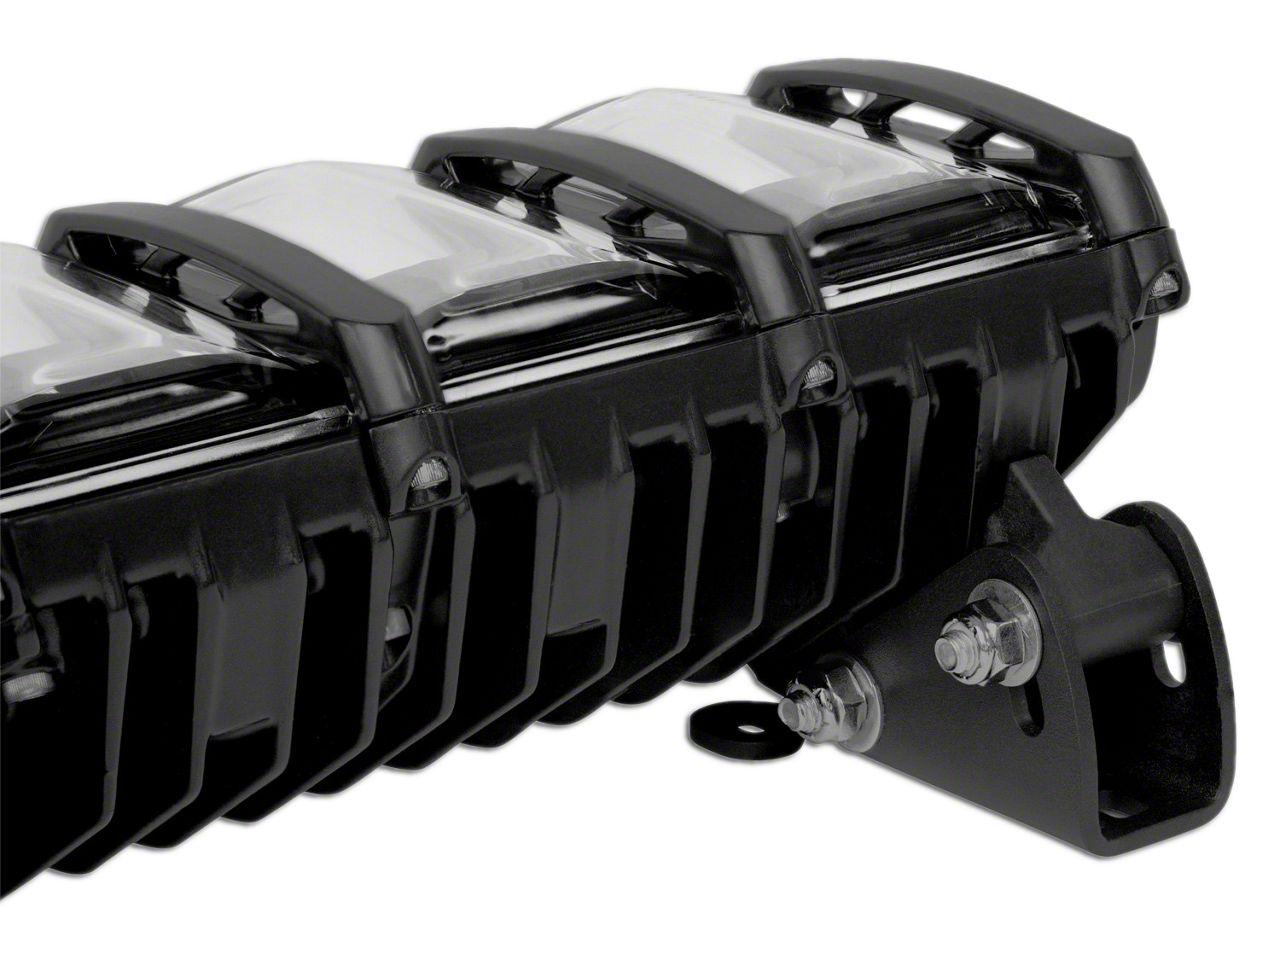 Rigid Industries Adapt Stealth Mount Bracket Kit